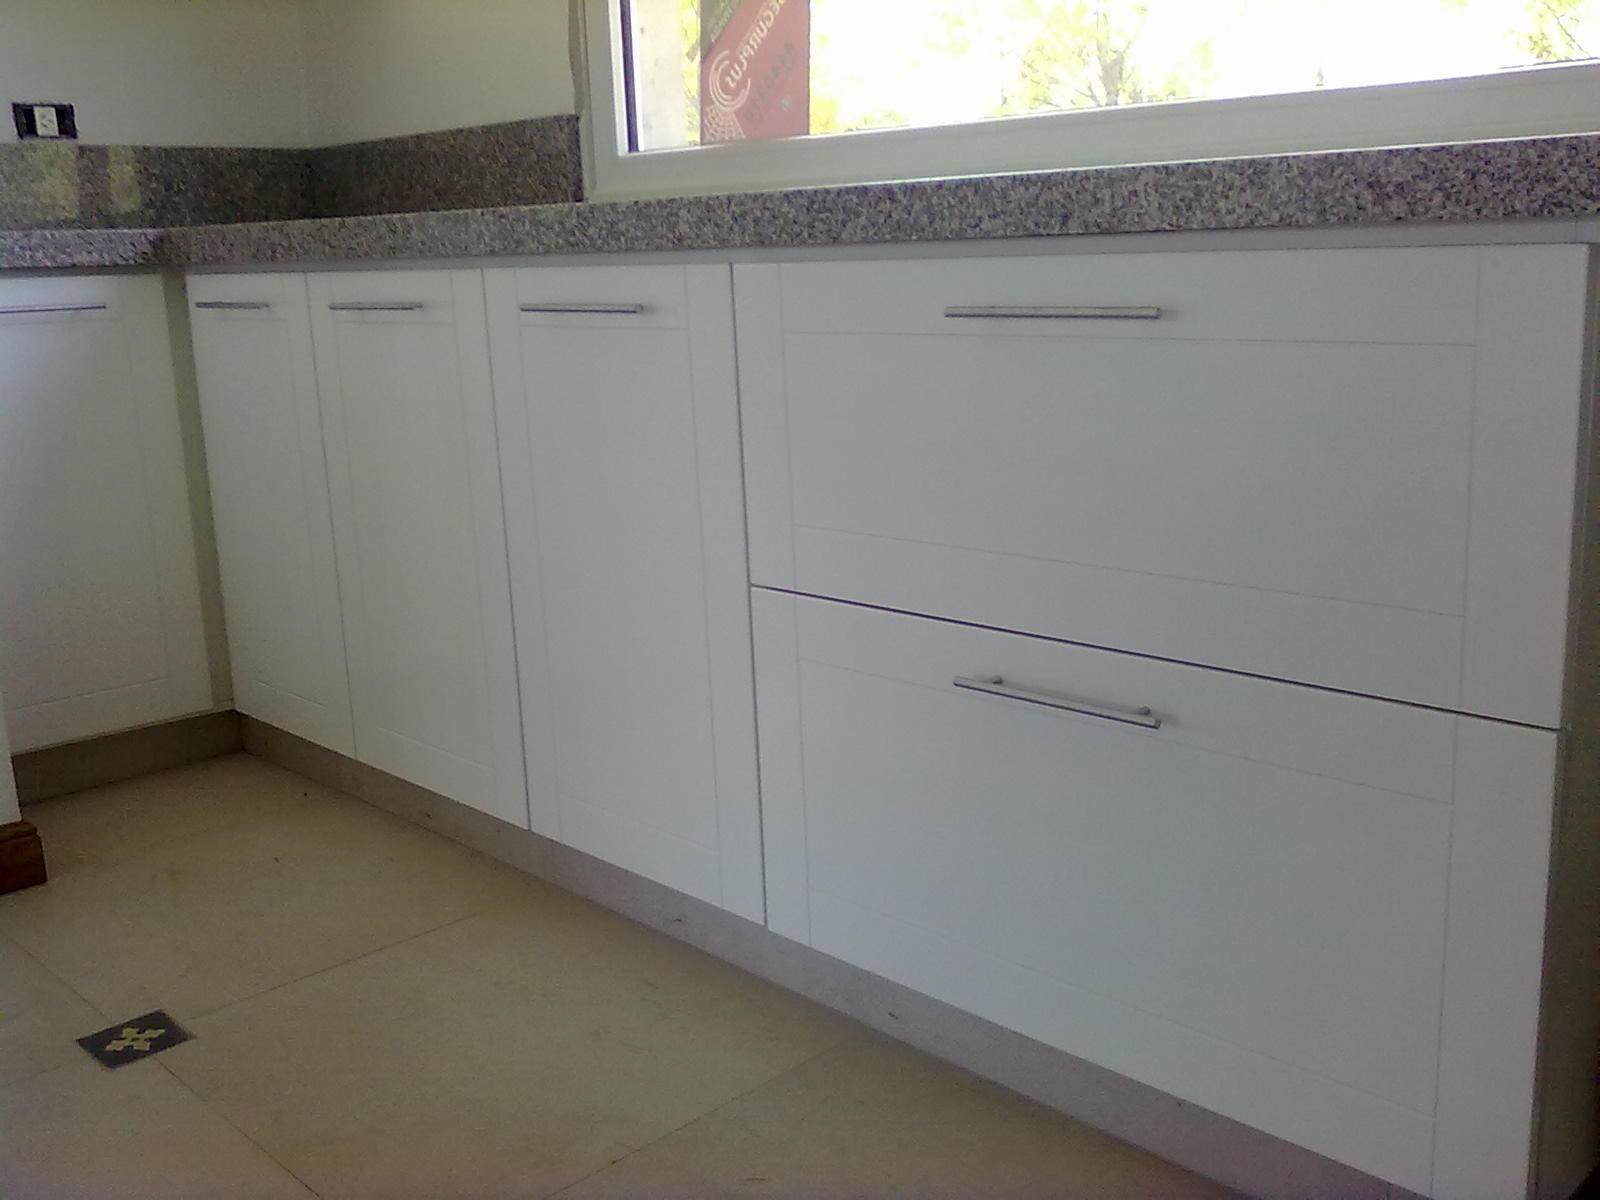 Muebles a medida tandil amoblamiento cocina laqueado blanco - Muebles de cocina fotos ...